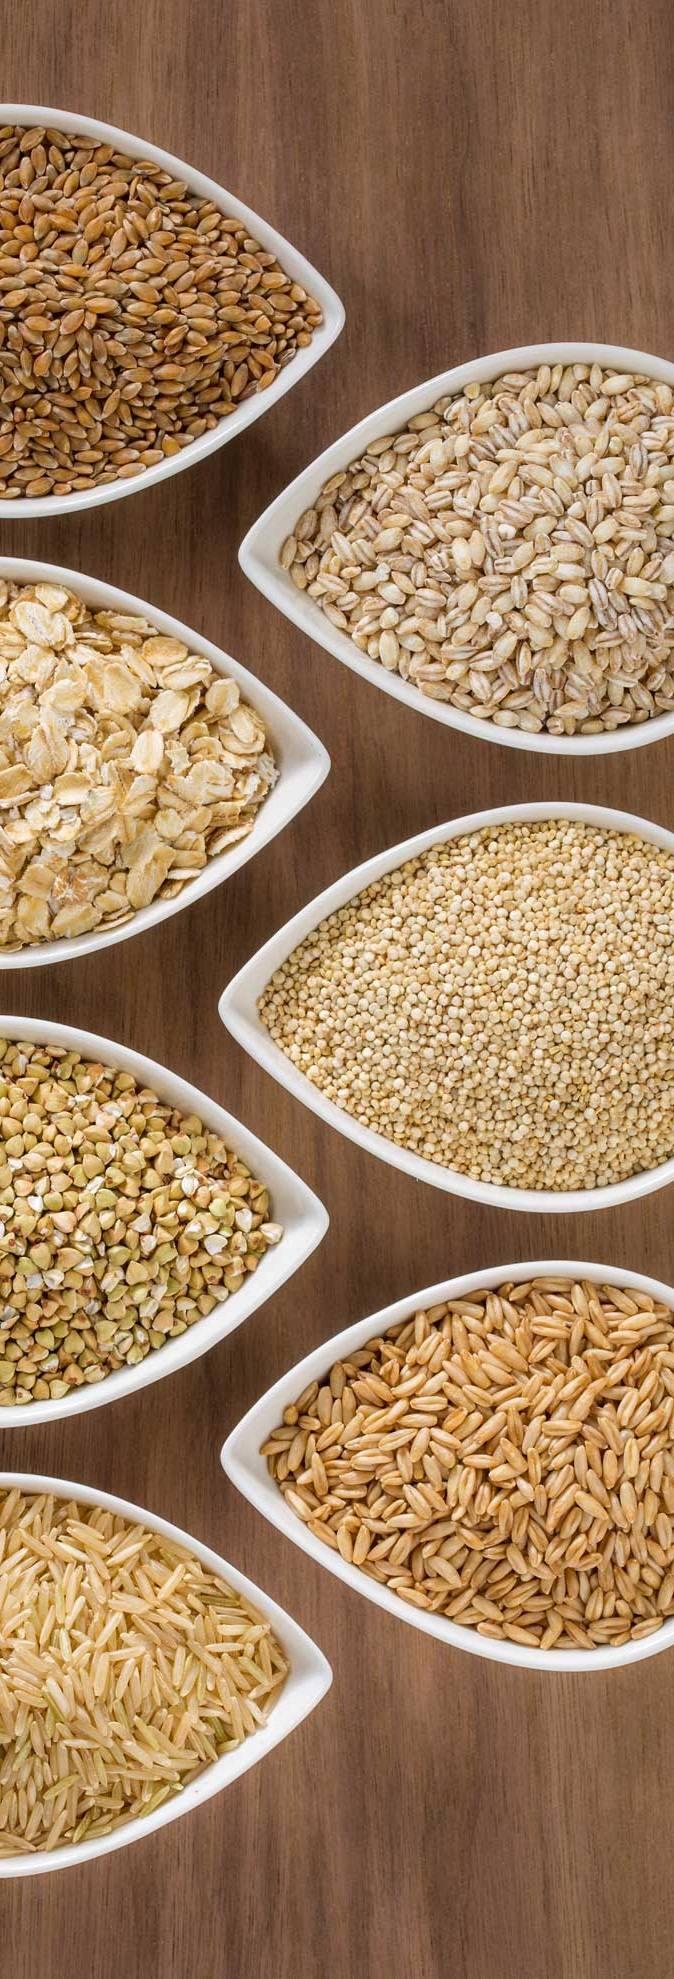 स्तनपान कराने वाली महिलाओं के लिए सम्पूर्ण आनाज whole grain